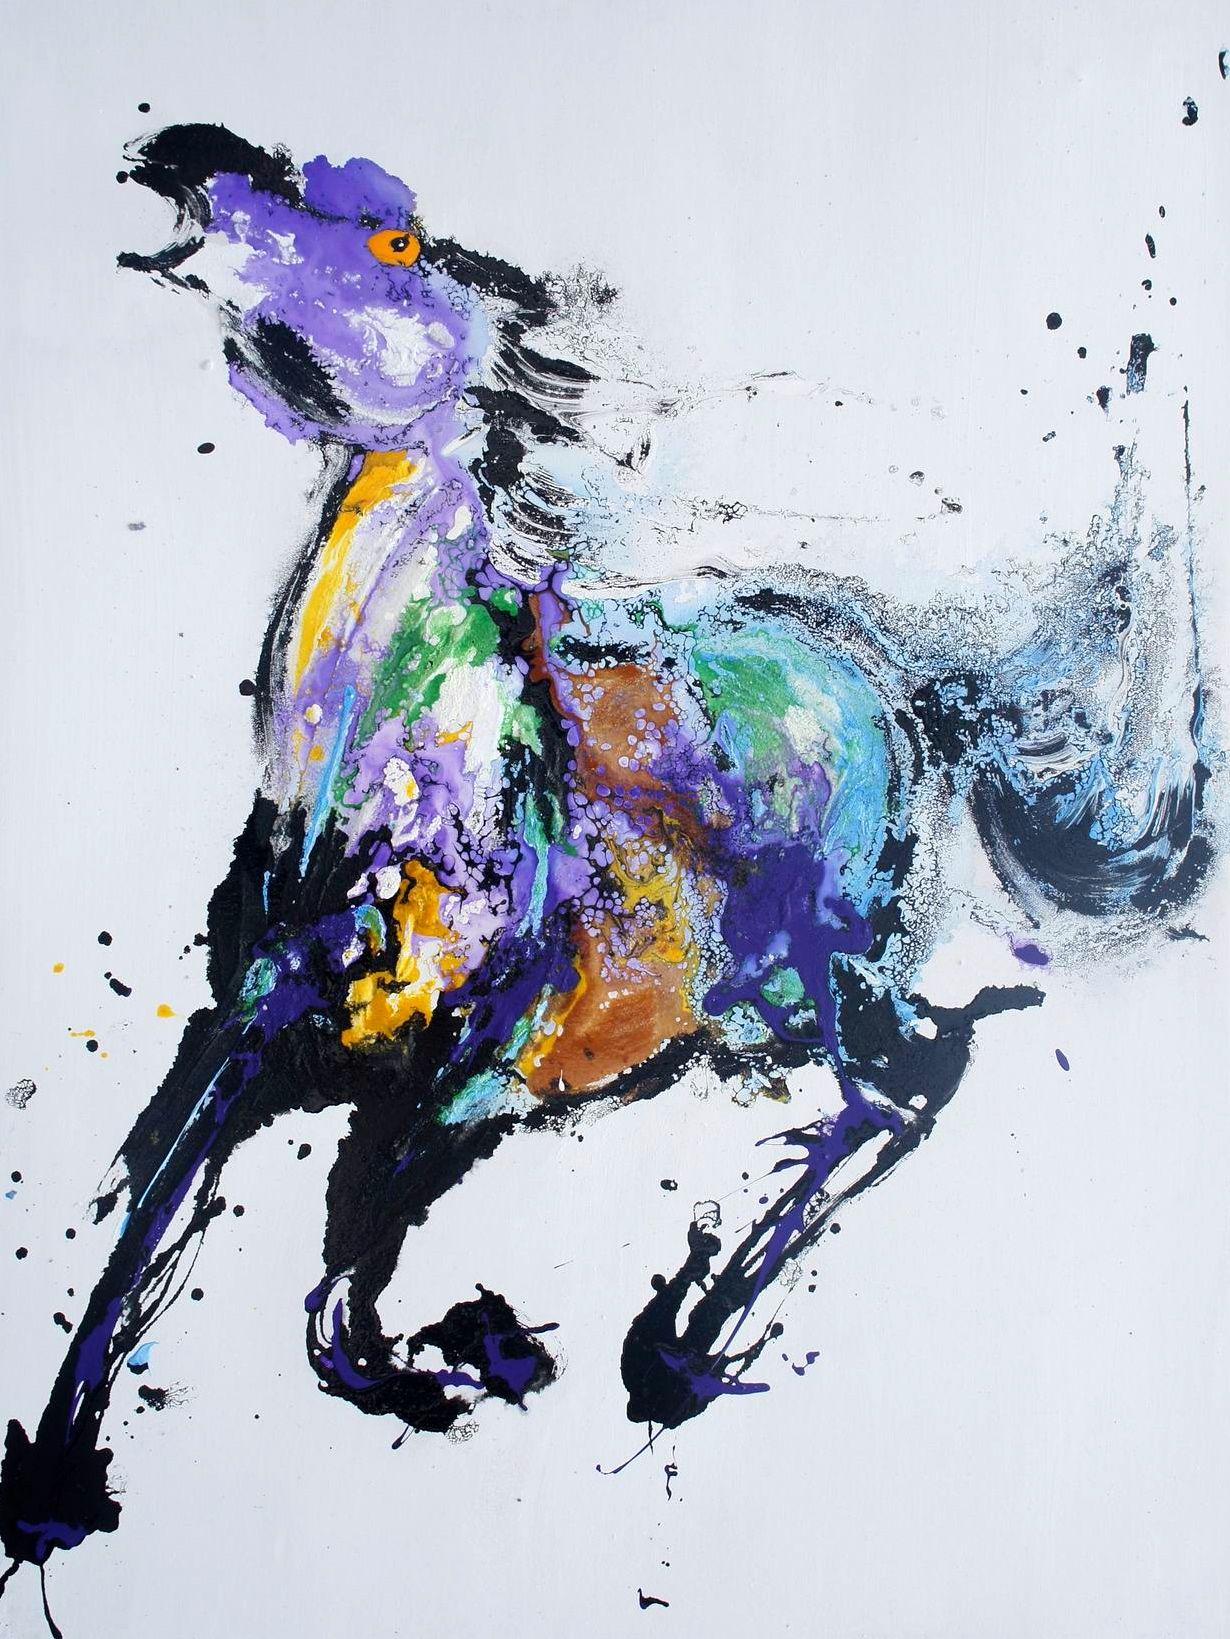 Tableau peinture cheval moderne frison est une peinture contemporaine